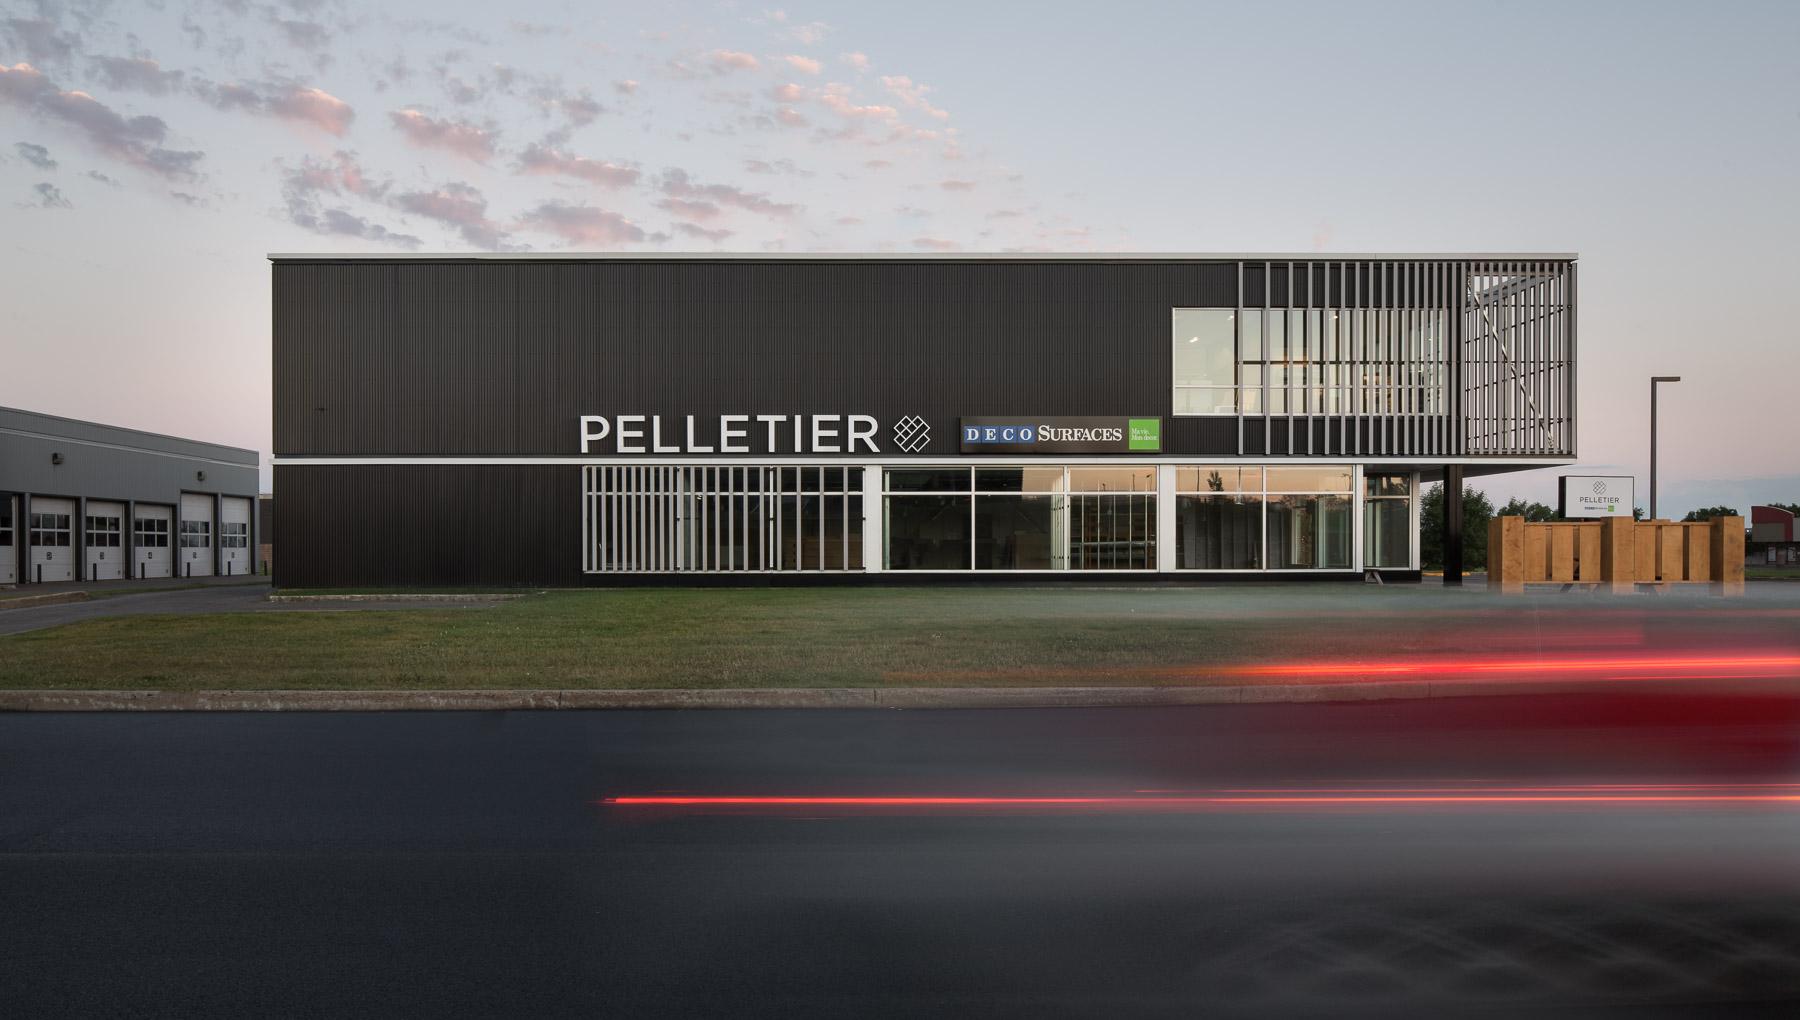 Pelletier-StephaneGroleau-094.jpg